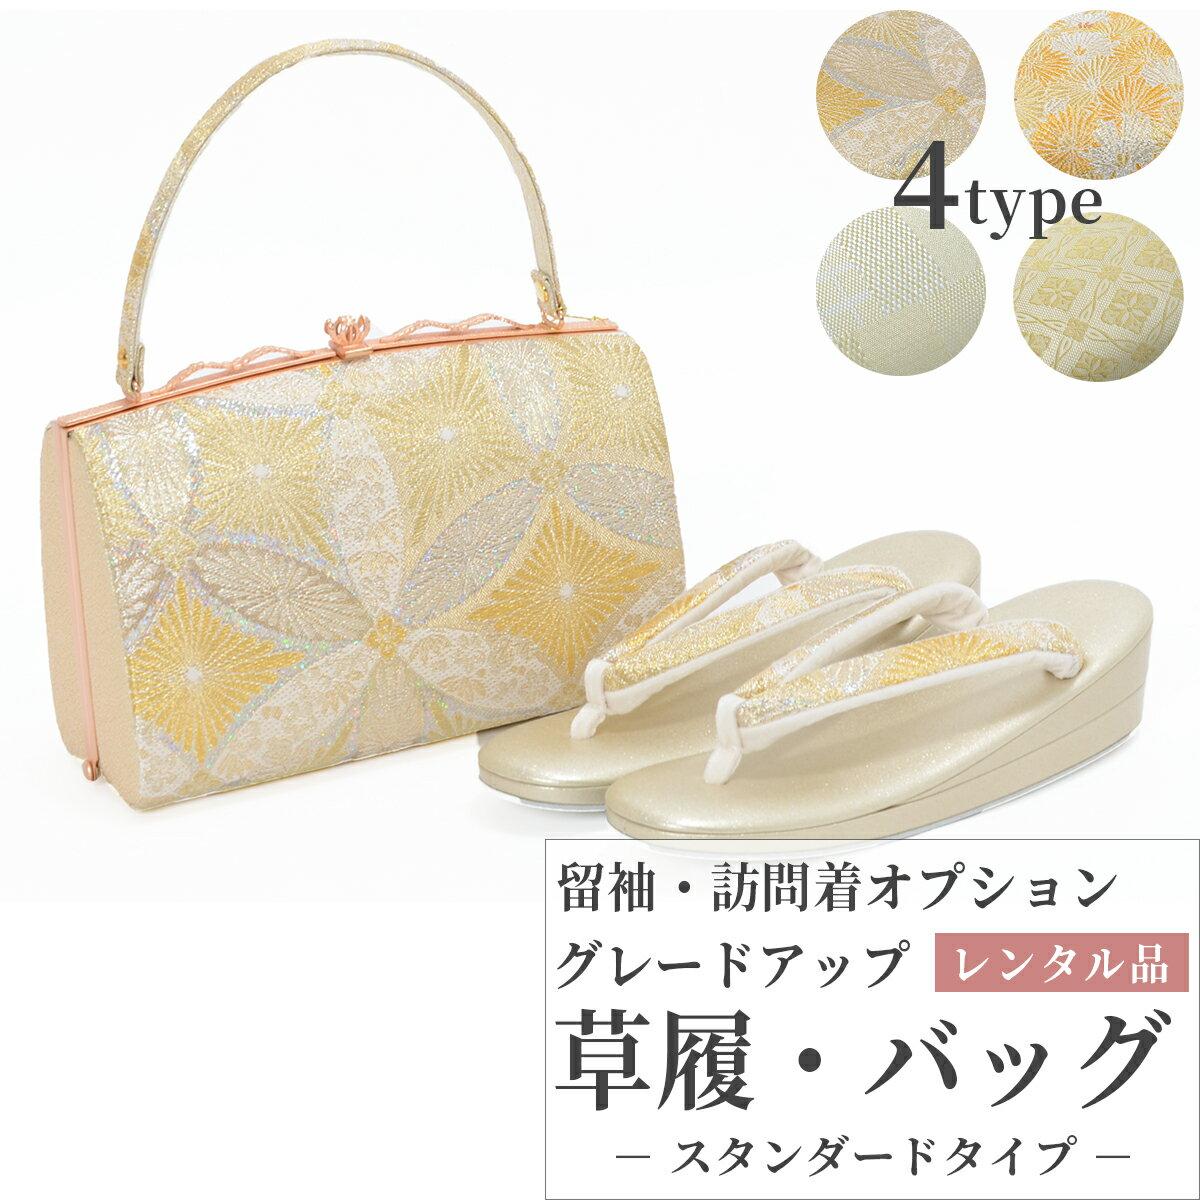 【同梱専用】日本製 グレードアップ草履バッグレンタル -スタンダード-(サイズ22.0-24.5)【単品レンタル不可】